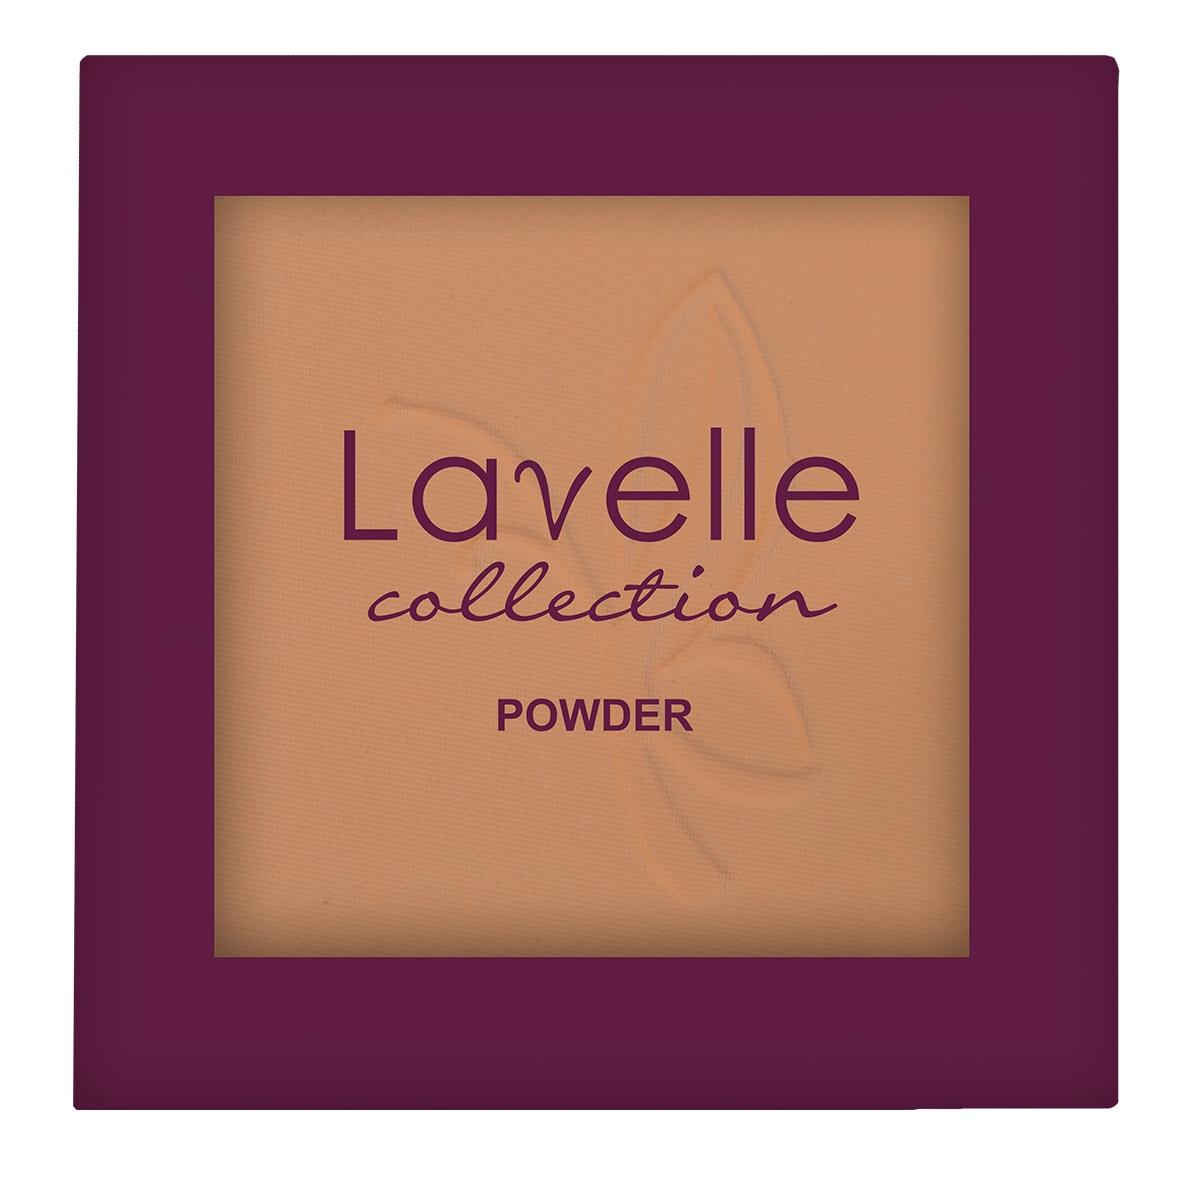 Фото - Lavelle Collection пудра для лица PD-09 компактная тон 04 36г lavelle collection пудра для лица pd 11 компактная тон 05 кремовый 40г